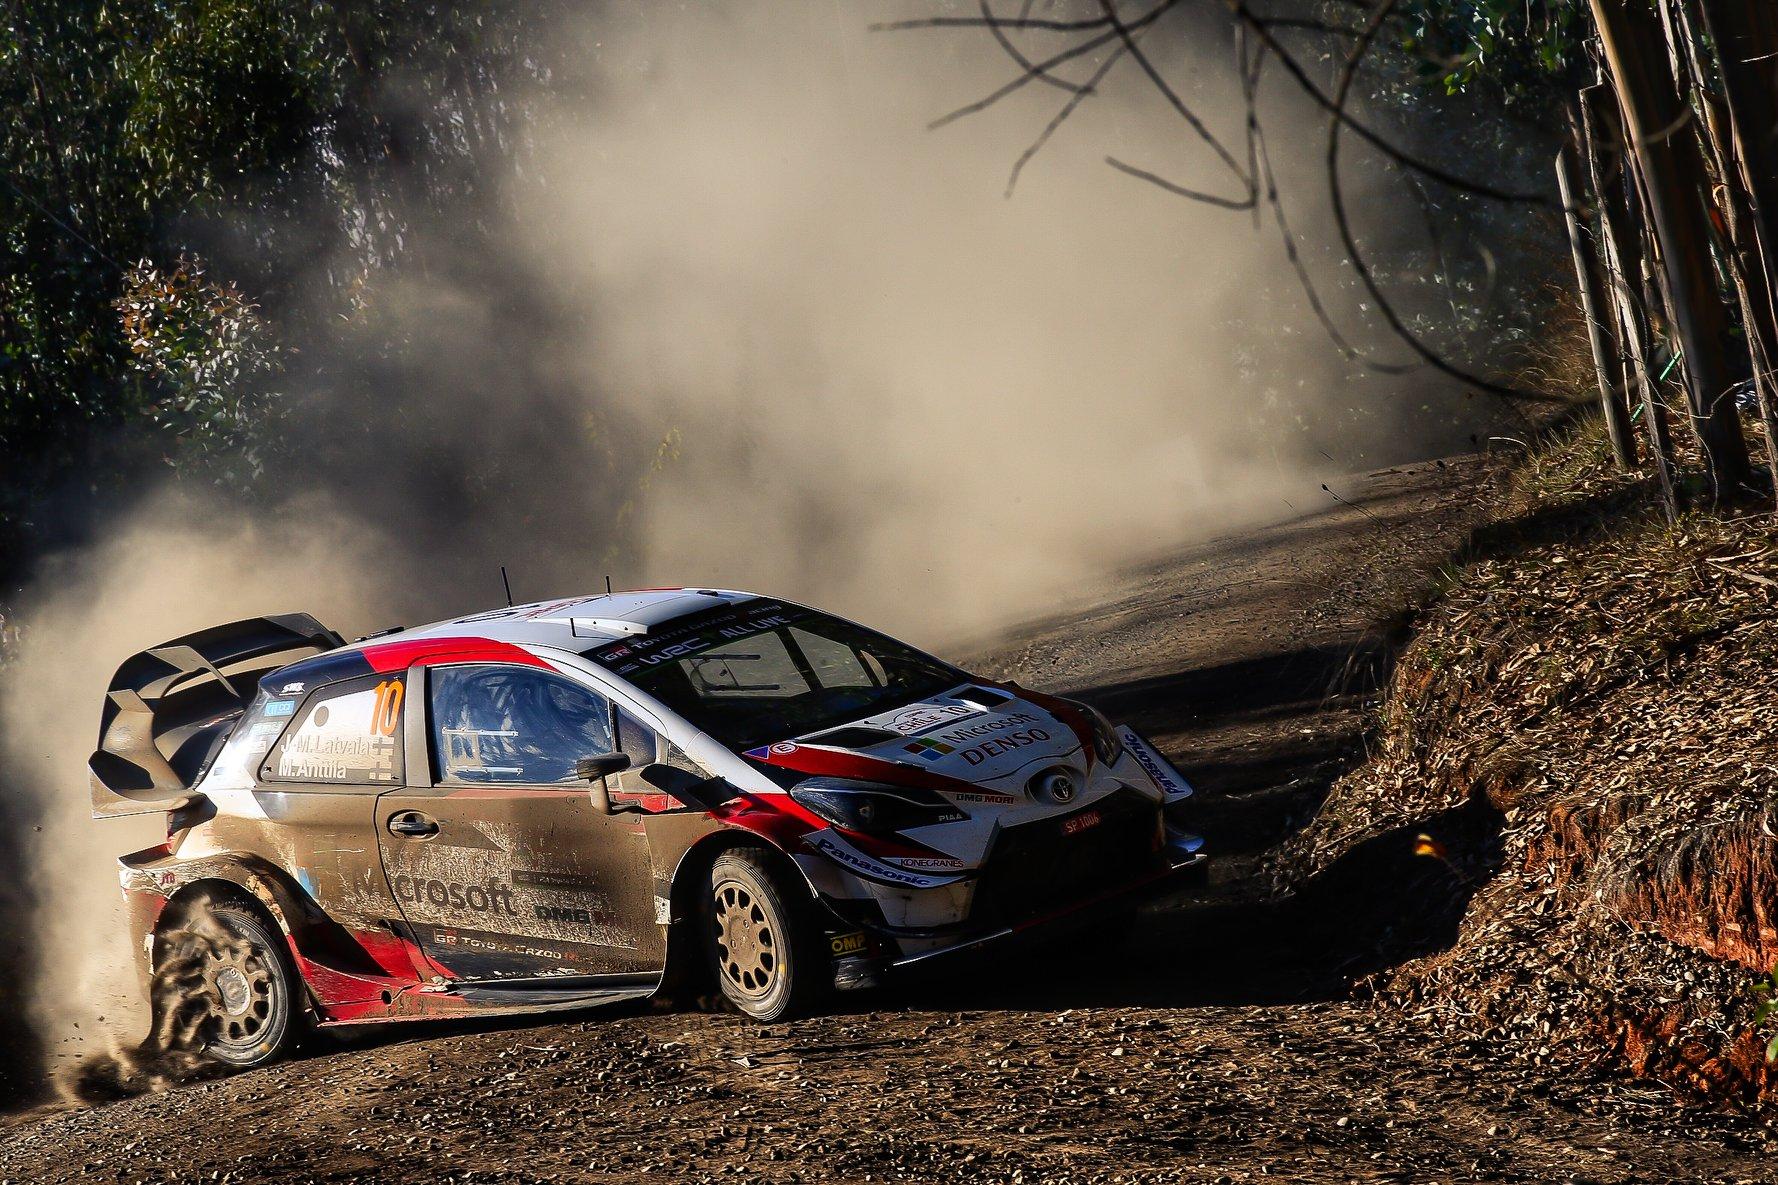 źródło: fb/Toyota Gazoo Racing